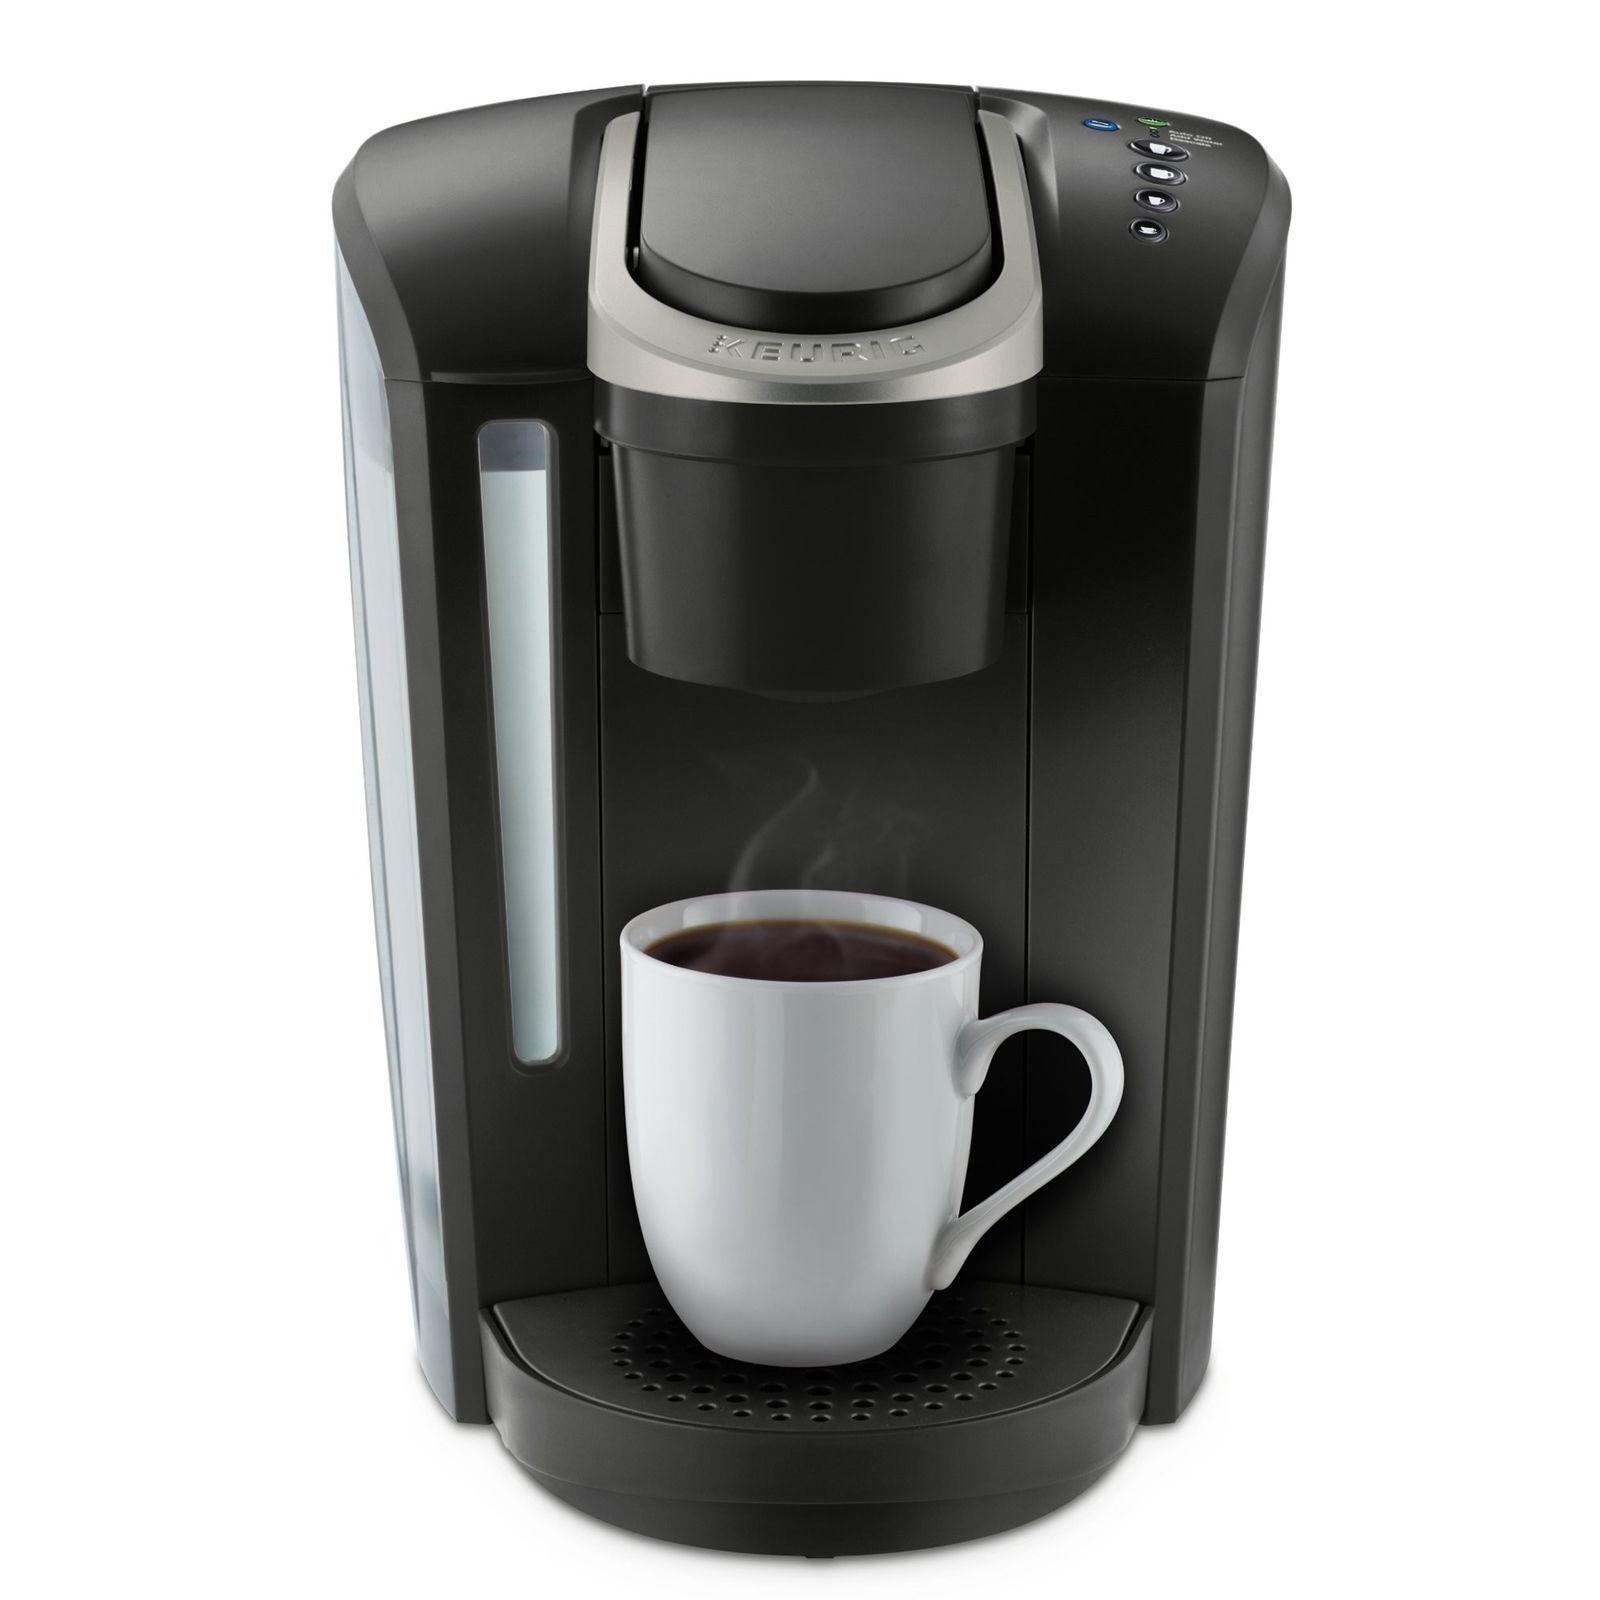 Keurig K-Select Single servir K-Cup Pod cafetière-noir NEUF-LIVRAISON GRATUITE